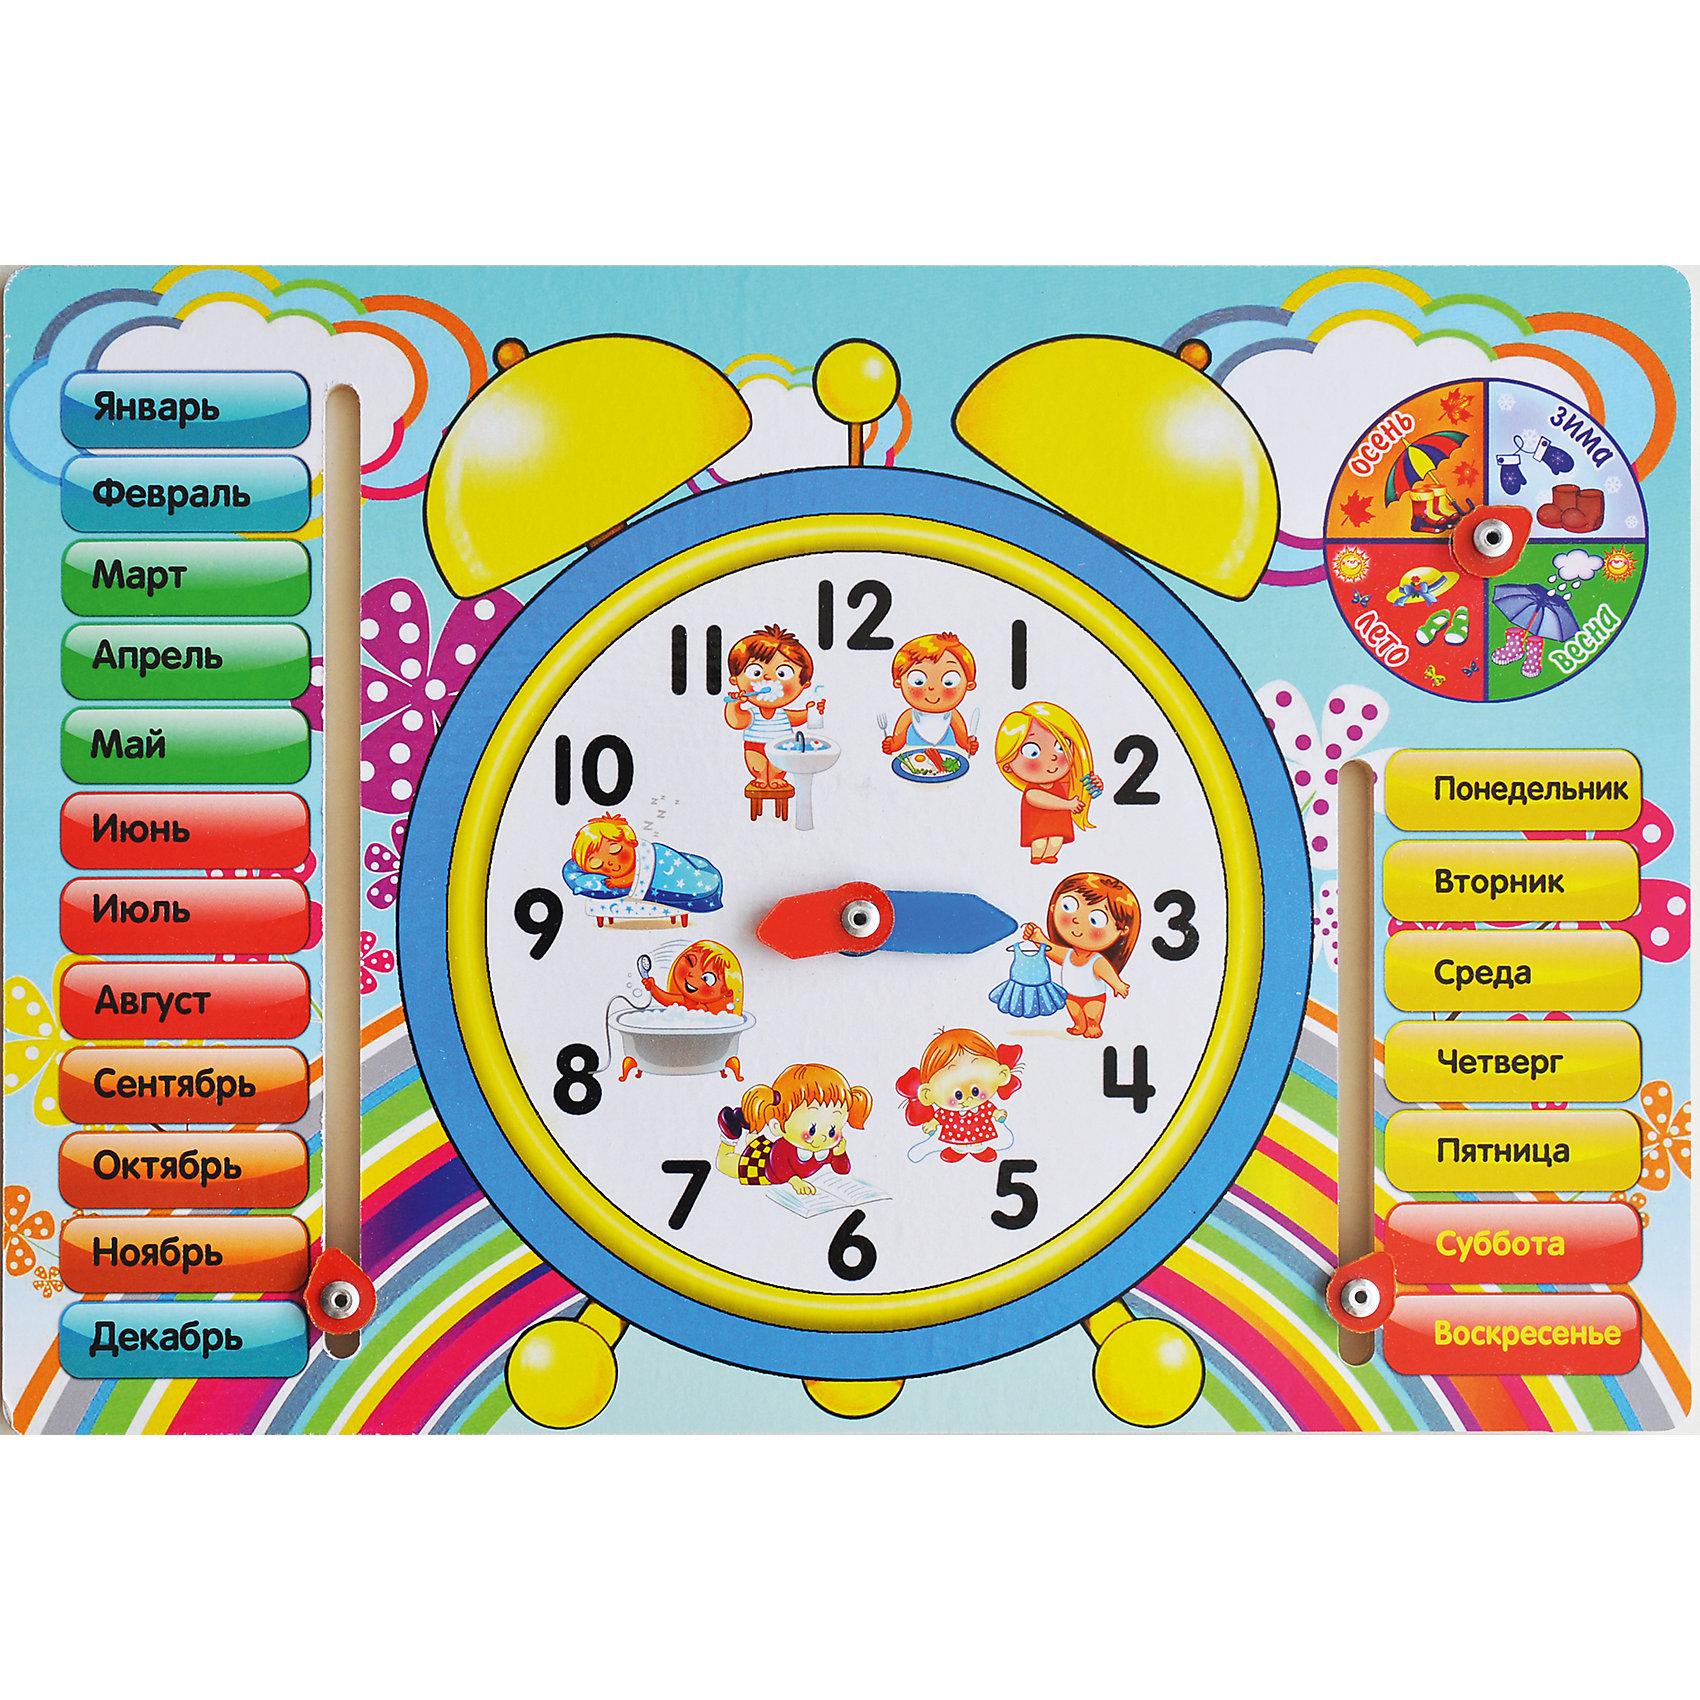 Обучающая доска «Часы»Окружающий мир<br>Малыши стремятся узнавать что-то новое и учиться контактировать с окружающим пространством. Сделать процесс познавания мира для малышей - просто! Яркая обучающая доска «Часы» поможет ребенку легко запомнить месяцы, времена года, дни недели и научиться определять время.<br>Эта доска надолго займет ребенка! Игра с ней помогает детям развивать мелкую моторику, внимательность и познавать мир. Обучающая игрушка сделана из качественных и безопасных для ребенка материалов - натурального дерева.<br><br>Дополнительная информация:<br><br>цвет: разноцветный;<br>размер:  27 х 19,5 х 0,8 см;<br>вес: 220 г;<br>материал: дерево.<br><br>Обучающую доску «Часы» можно купить в нашем магазине.<br><br>Ширина мм: 280<br>Глубина мм: 200<br>Высота мм: 5<br>Вес г: 220<br>Возраст от месяцев: 36<br>Возраст до месяцев: 2147483647<br>Пол: Унисекс<br>Возраст: Детский<br>SKU: 4916393